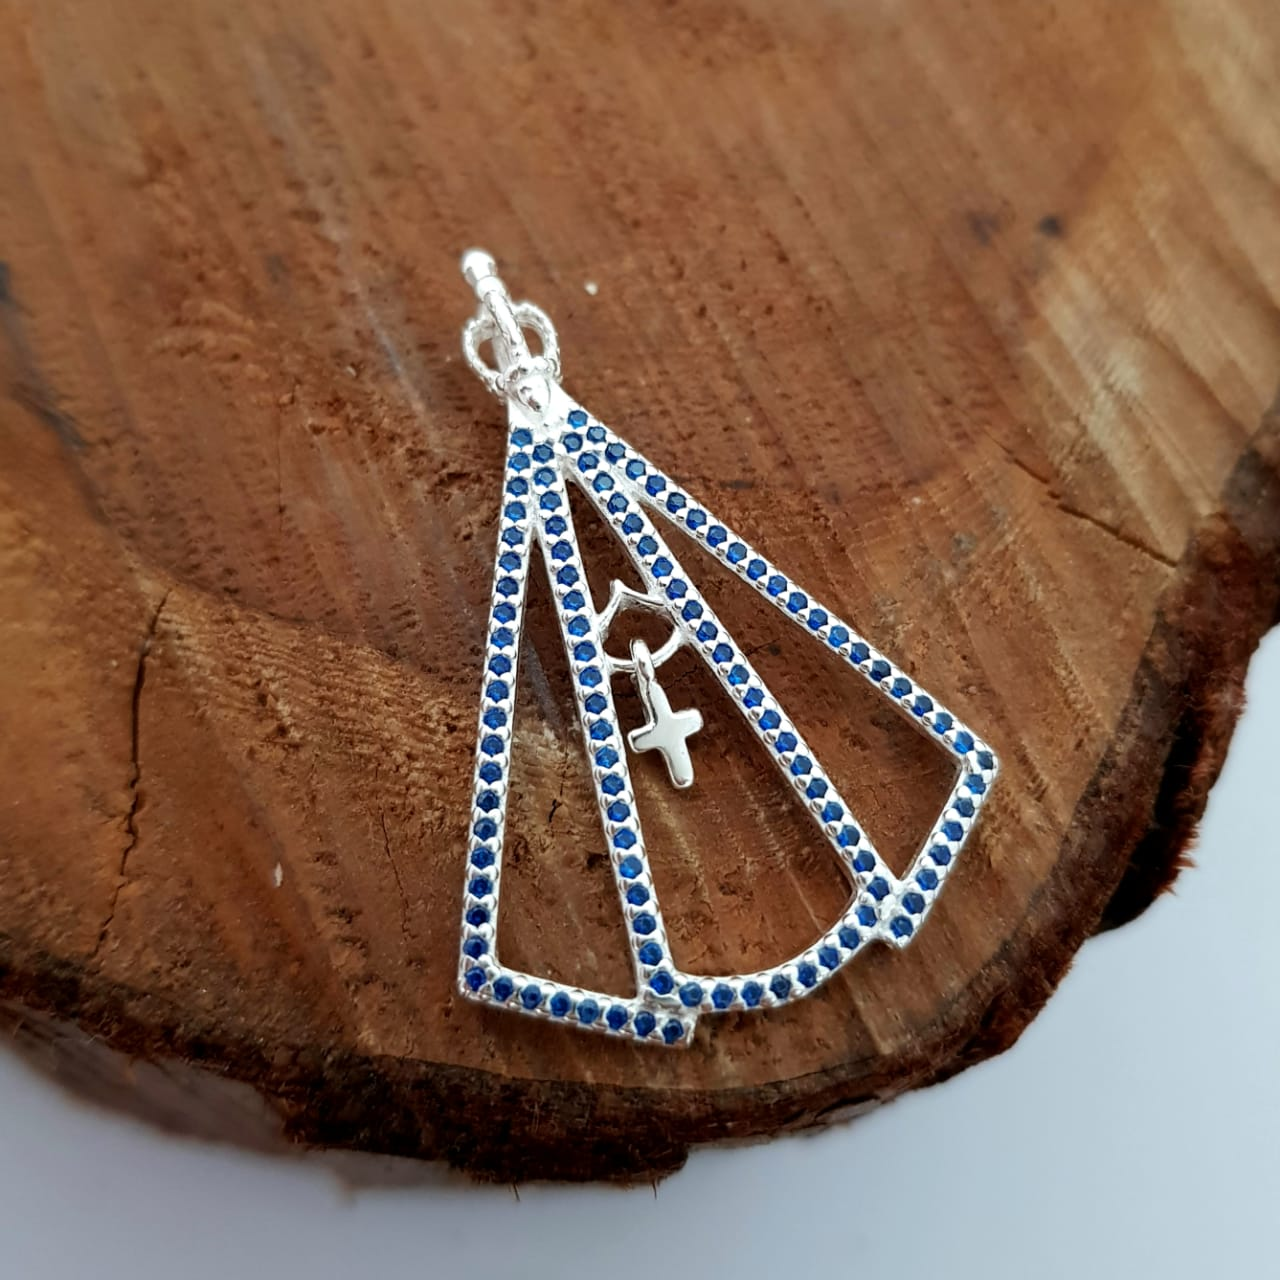 Pingente de Prata Nossa Senhora Zircônia Branca e Azul